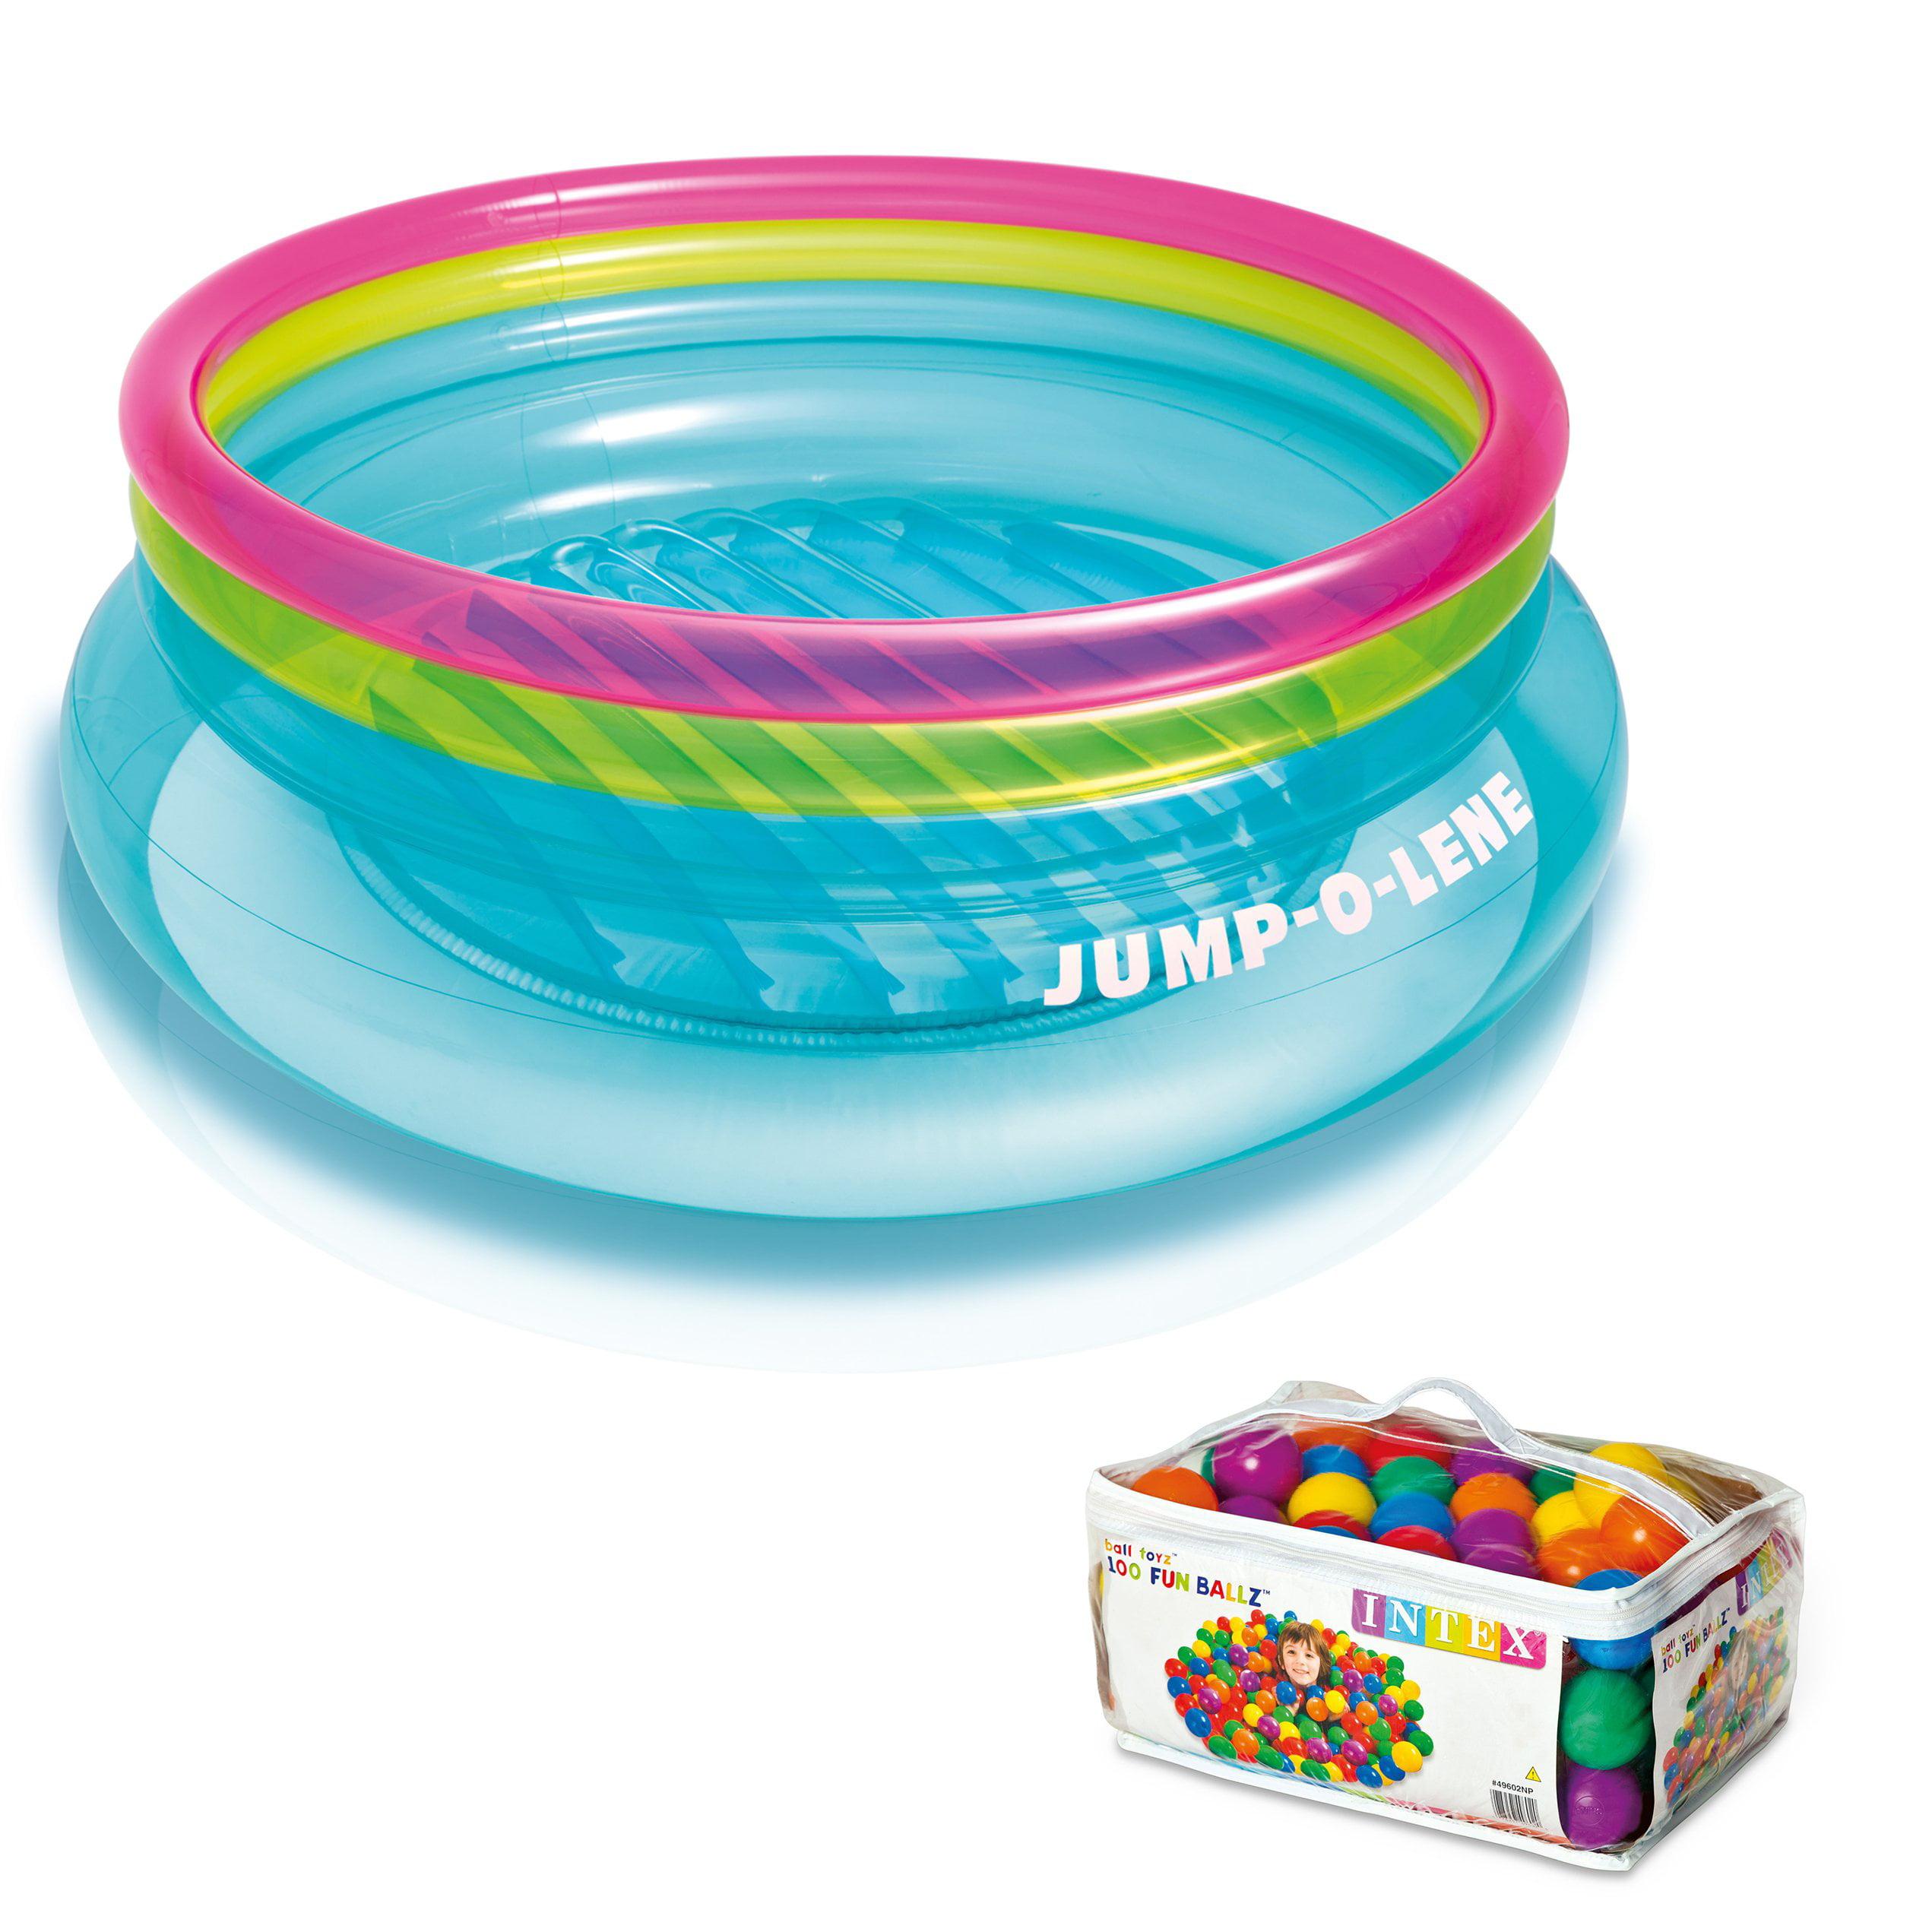 Intex Inflatable Jump-O-Lene Bouncer + 100 Colored Fun Ballz | 48267EP + 49602EP